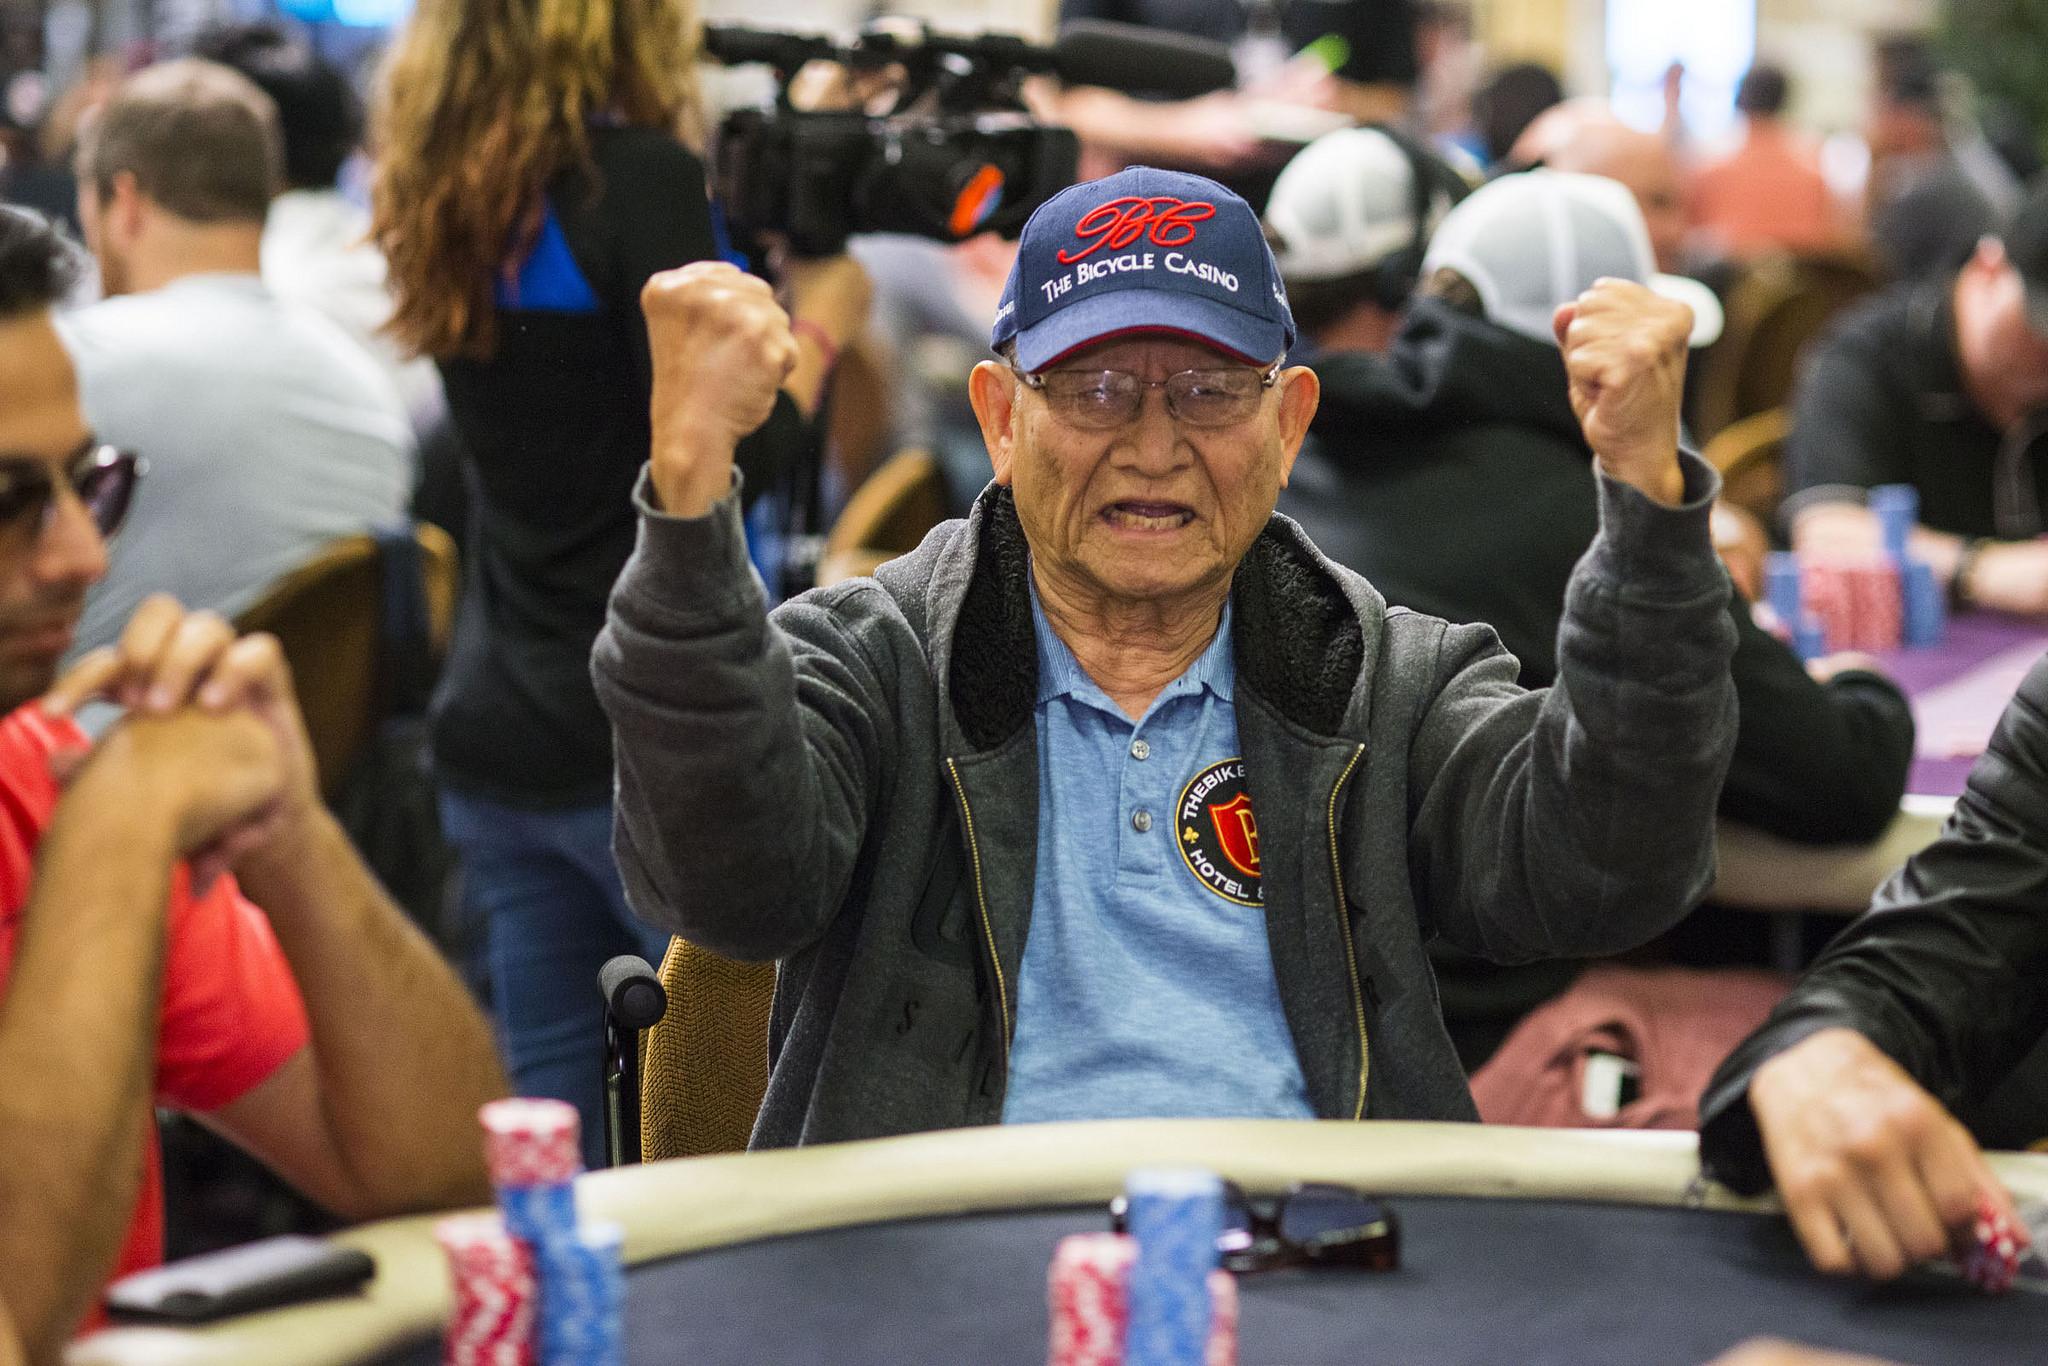 william poker